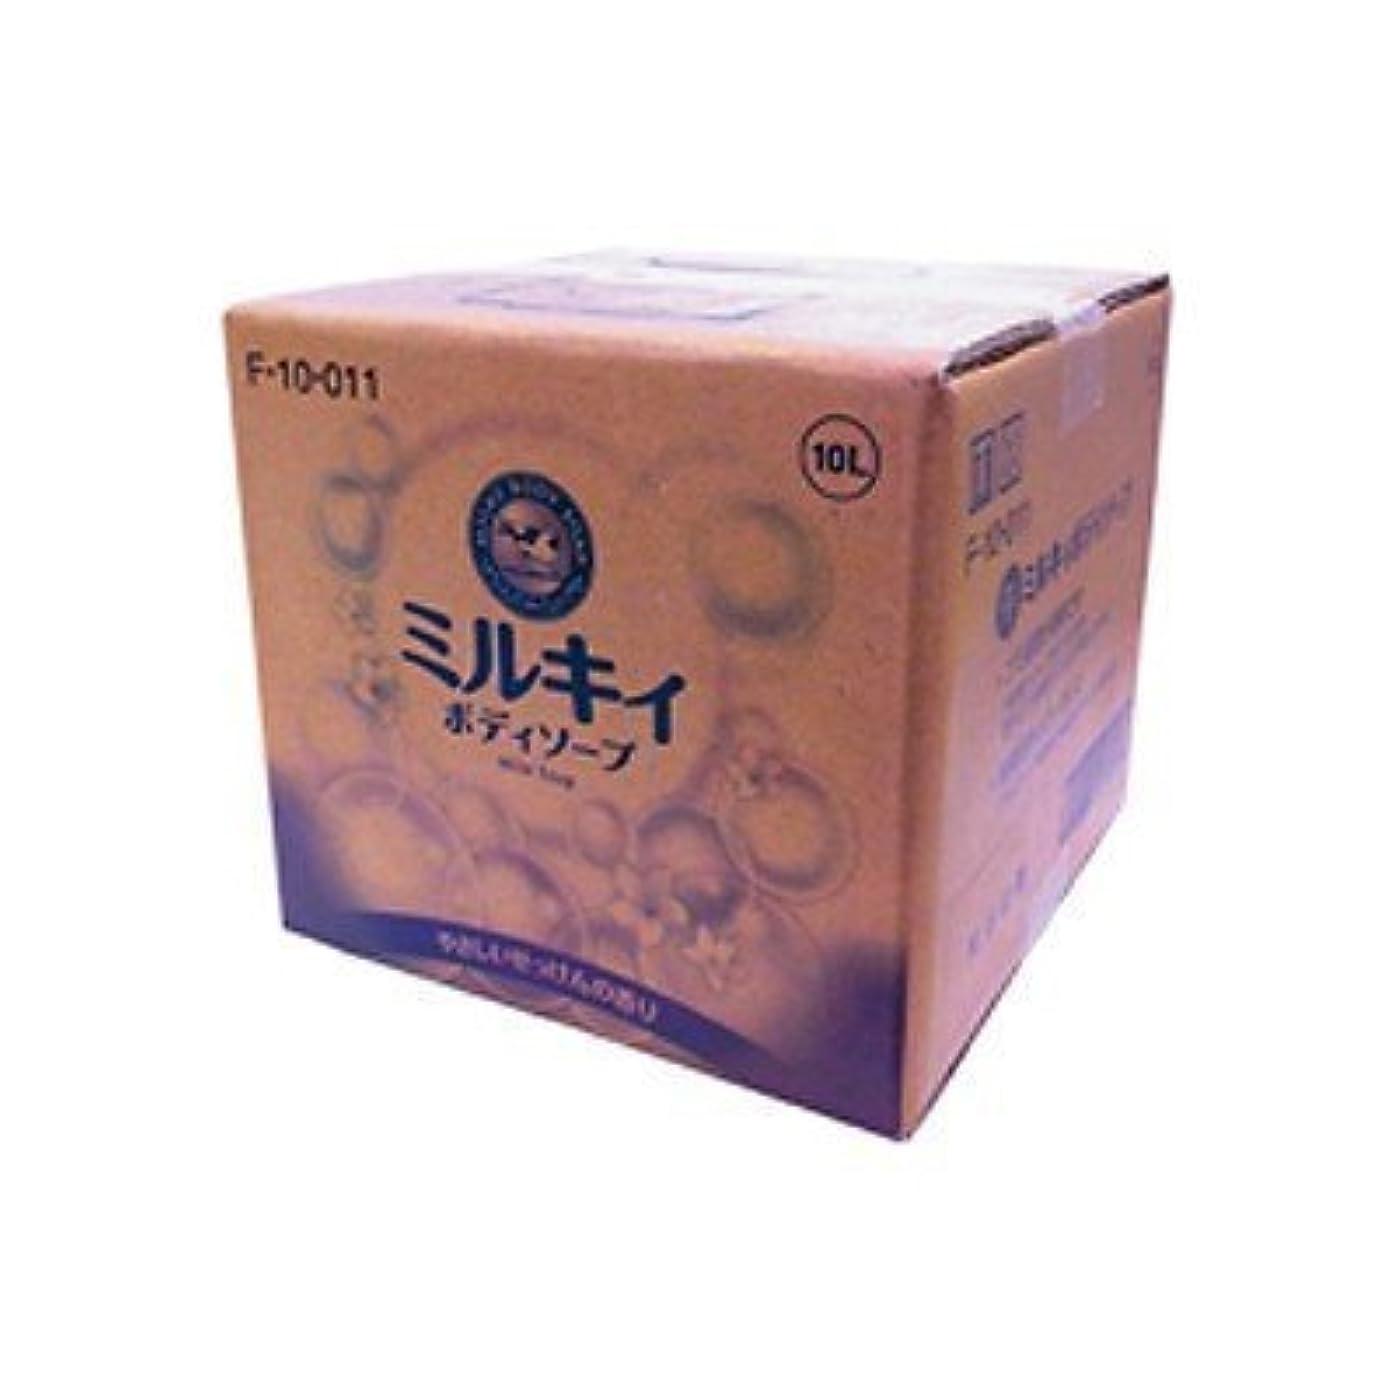 サージシンプルな取る牛乳石鹸 ミルキィボディソープ 業務用 279605 00022378 【まとめ買い3個セット】